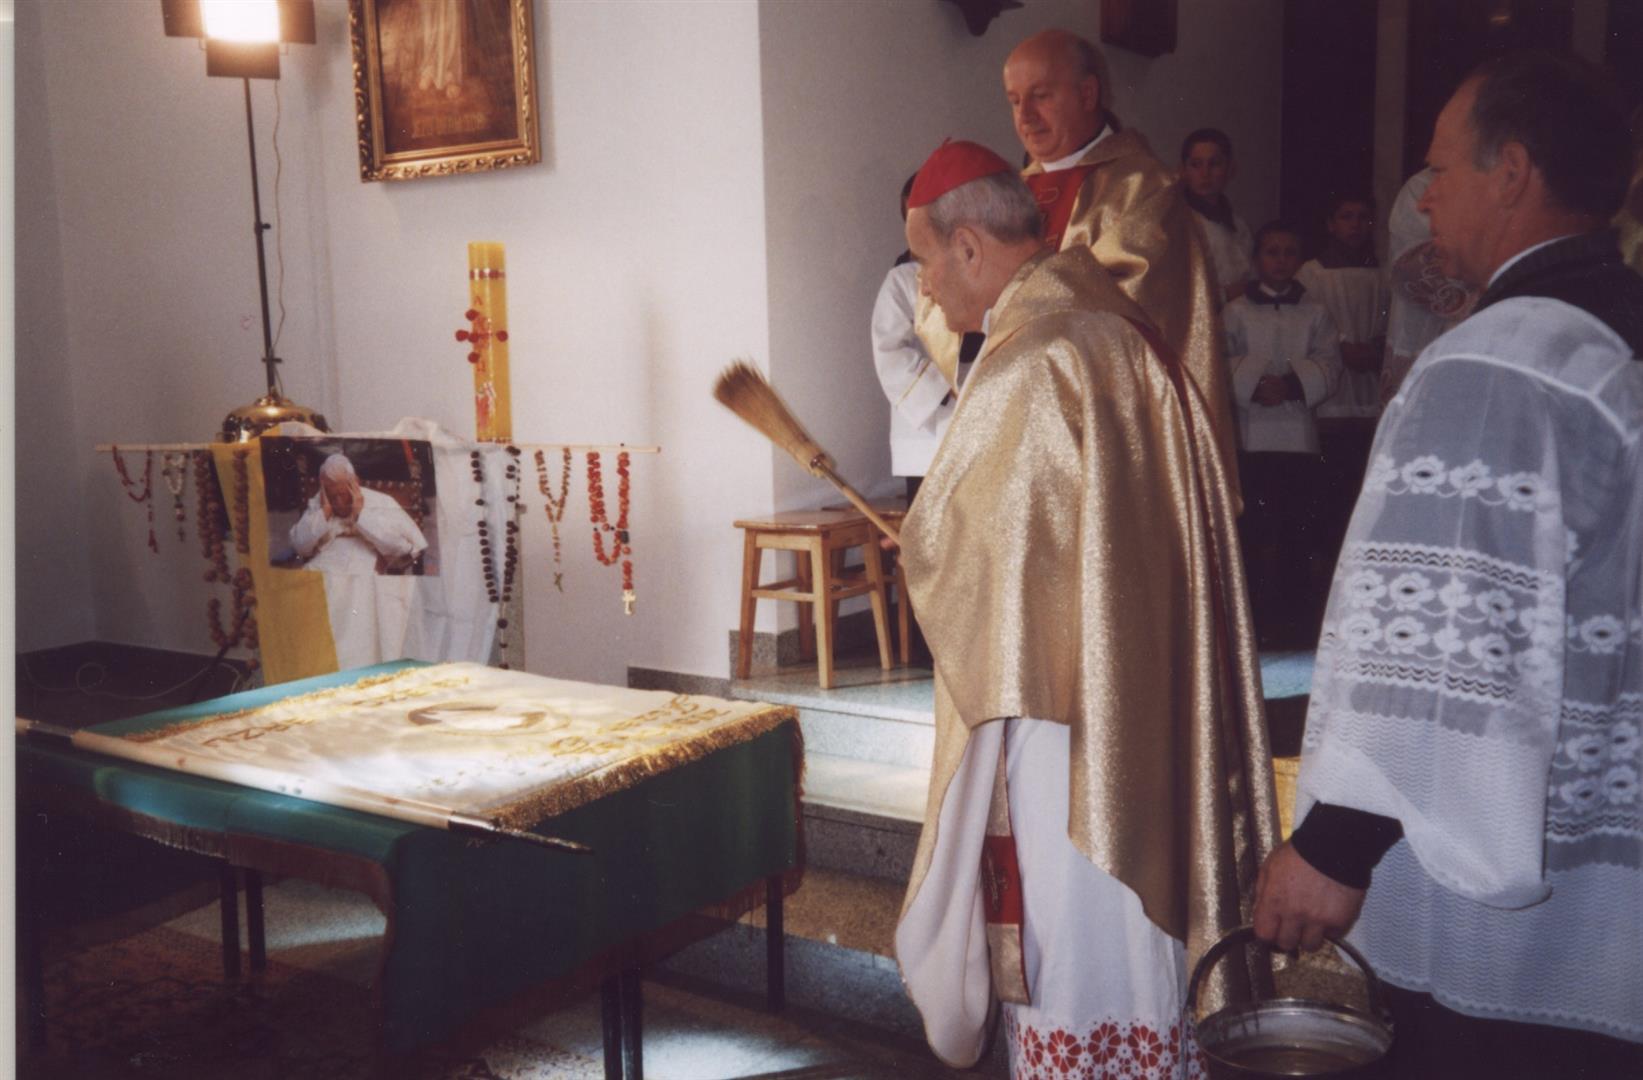 Poświęcenie sztandaru przez abp ks. Bolesława Pylaka w kościele parafialnym pod wezwaniem N.M.P. w Księżomierzu. Księżomierz 19.10.2003 roku